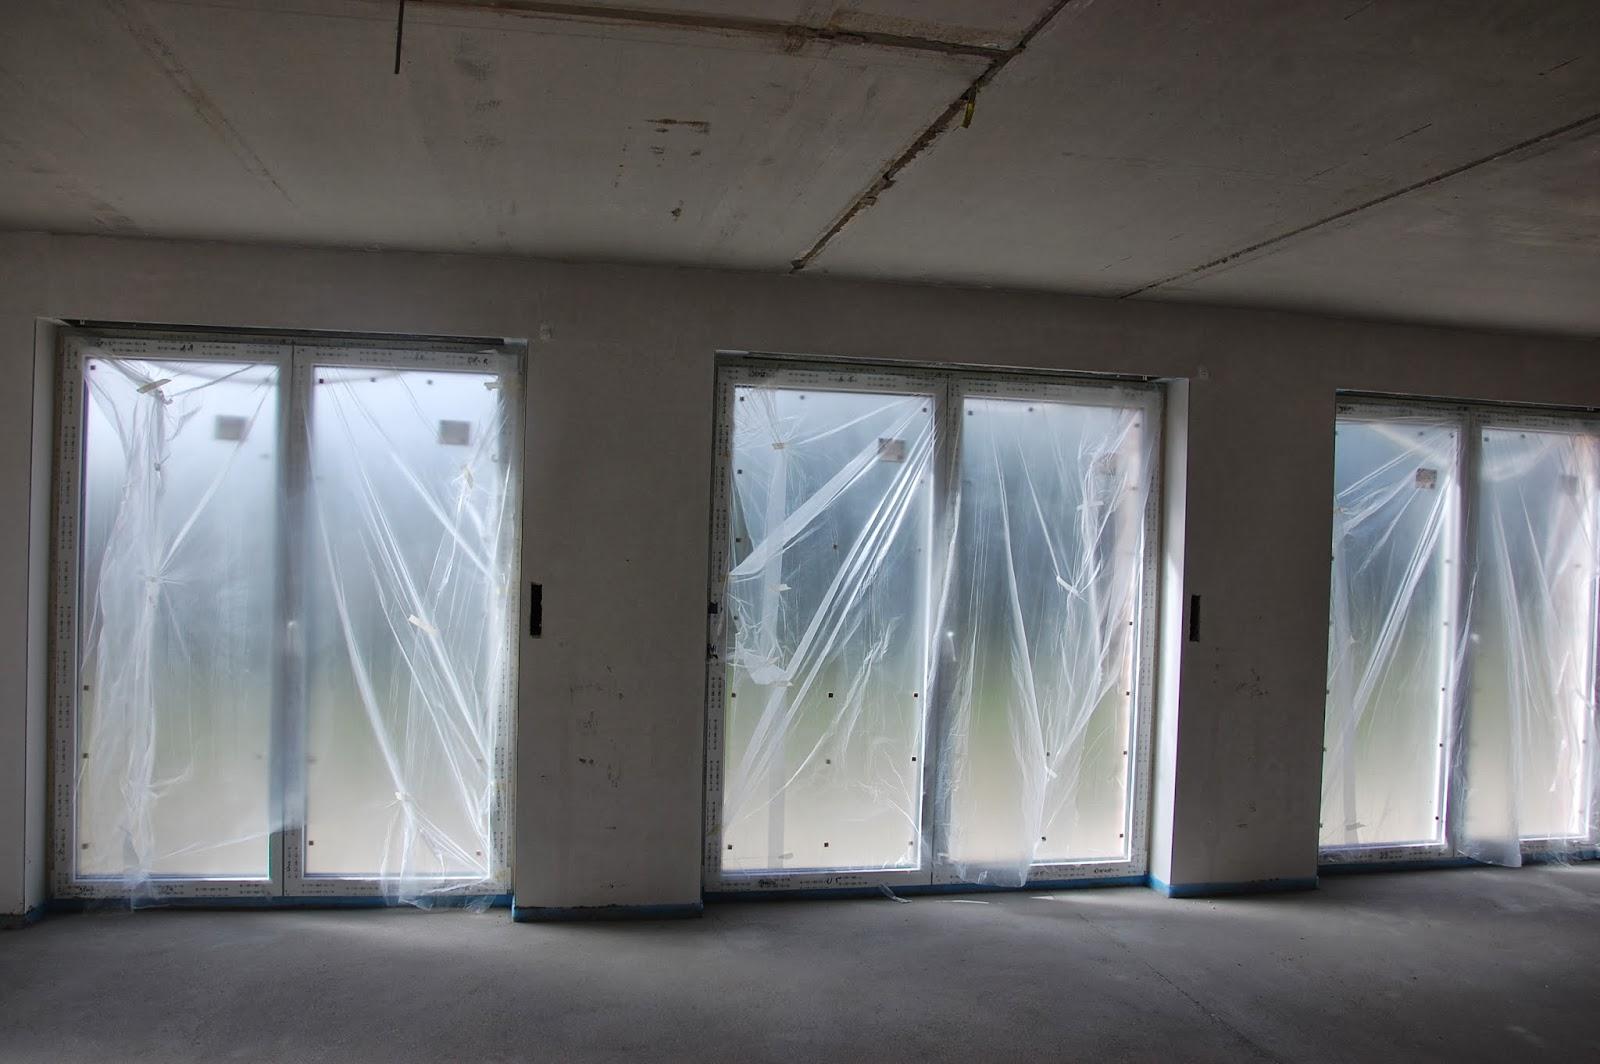 bautagebuch kr selblick k6 in altenberge november 2013. Black Bedroom Furniture Sets. Home Design Ideas